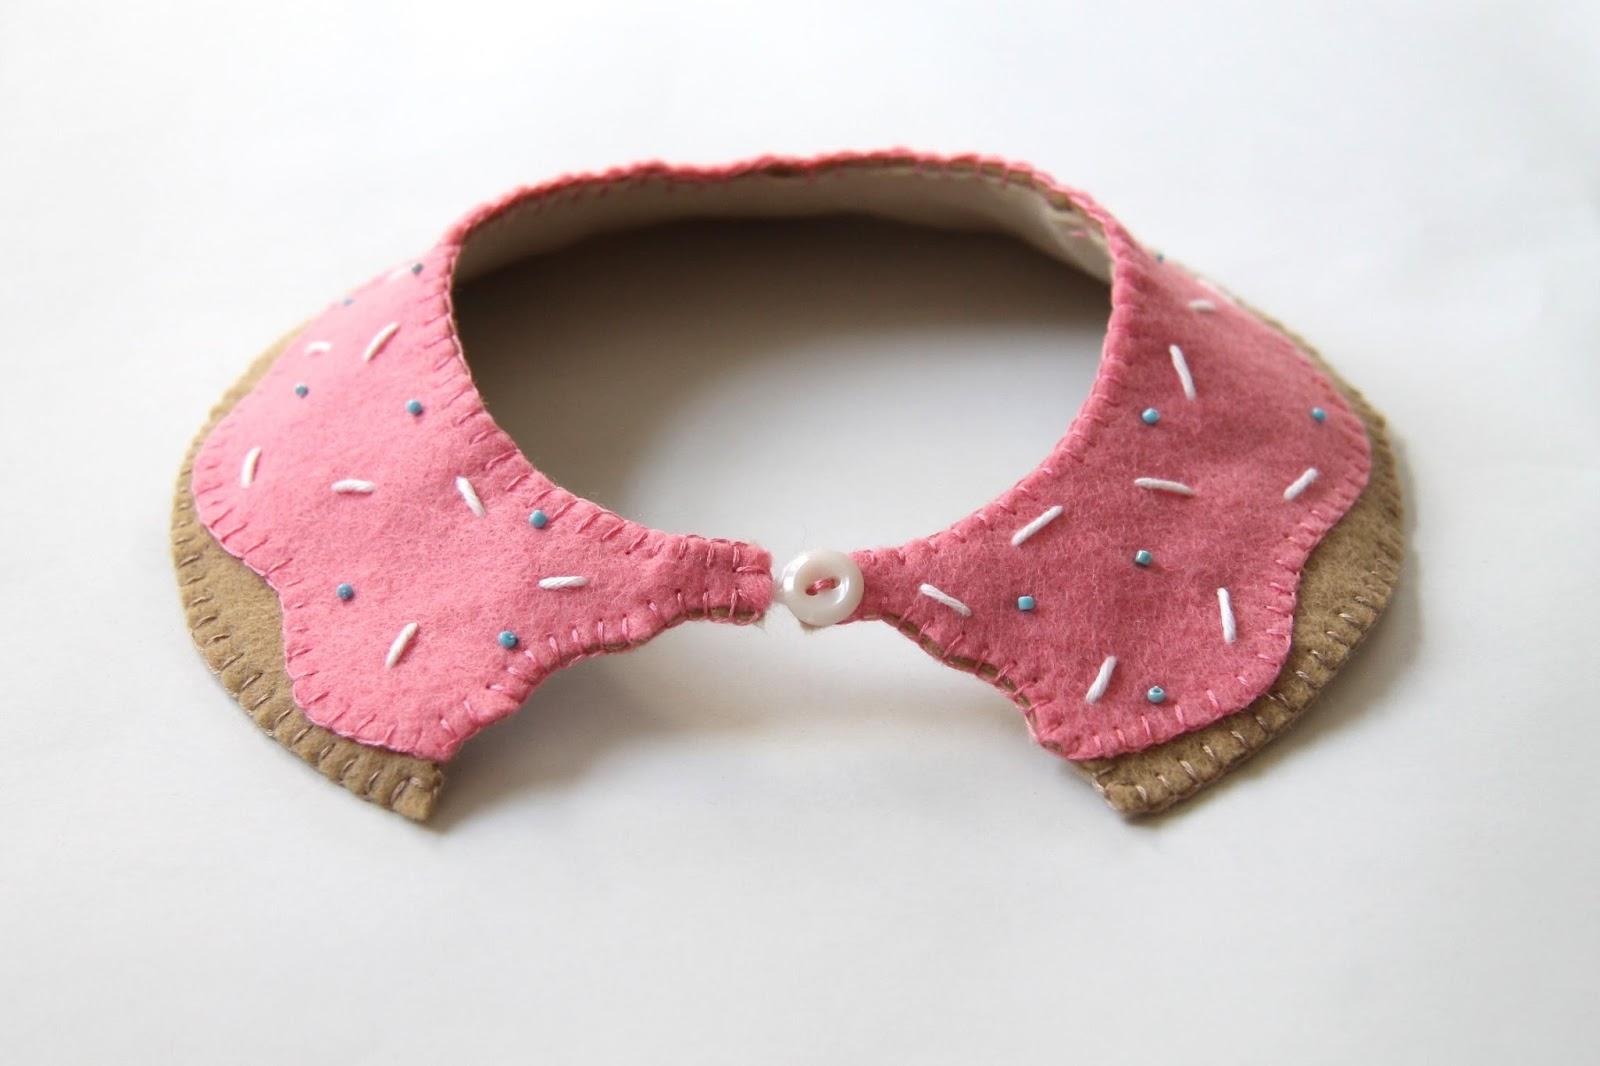 DIY Pink Doughnut Collar Tutorial